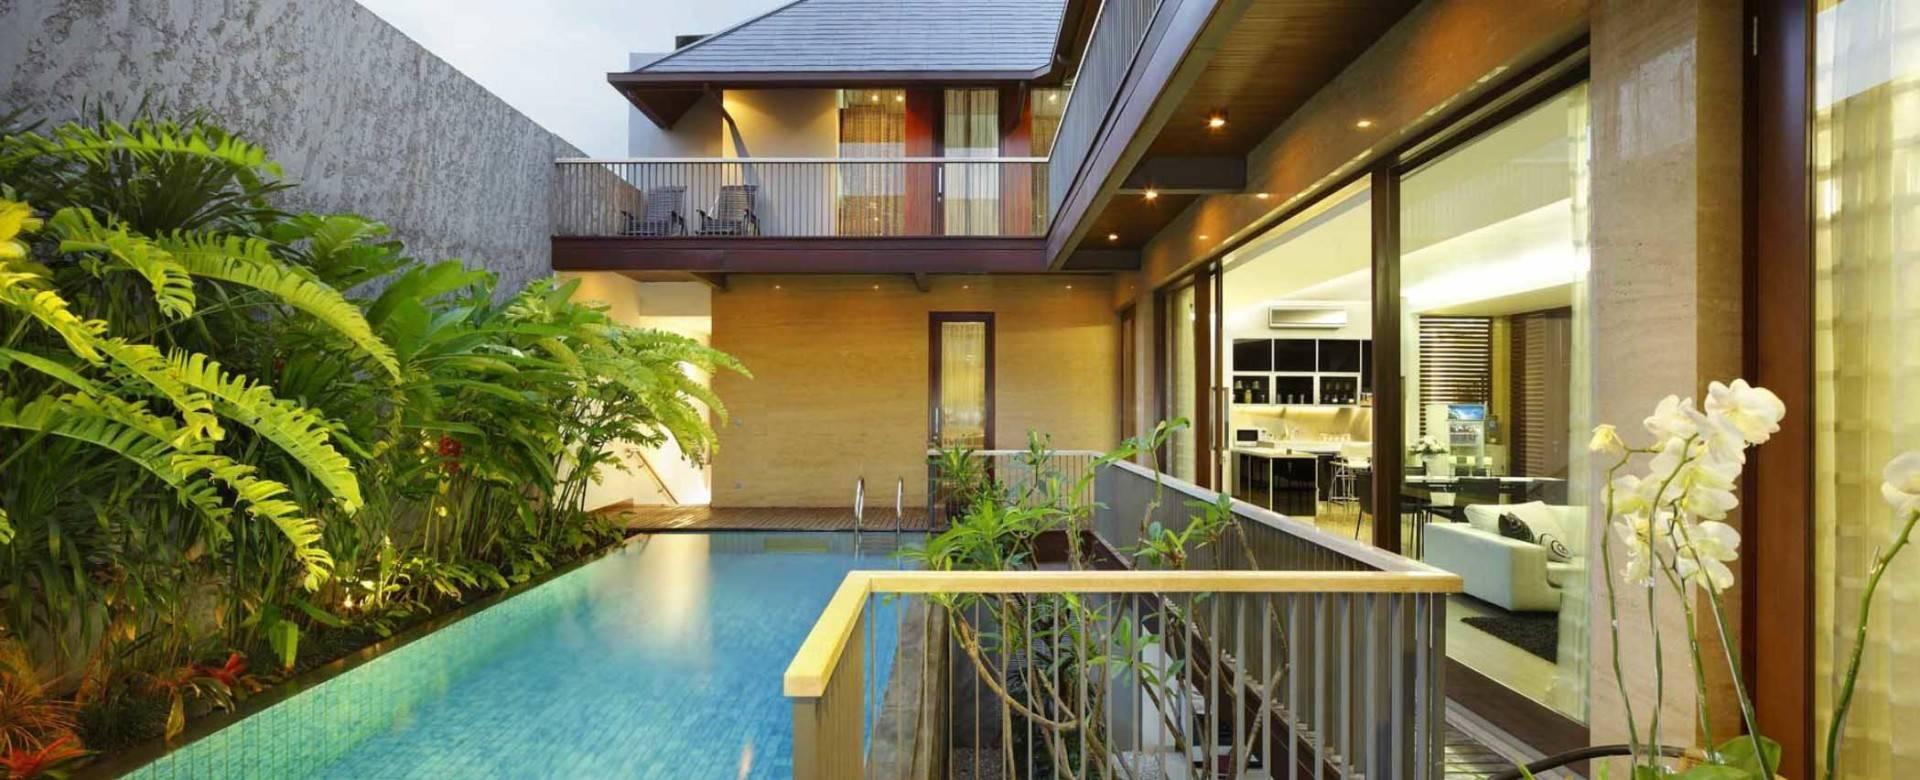 Atelier Prapanca Private Residence At Kebayoran Baru Jakarta Jakarta Swimming-Pool-View Tradisional  7515